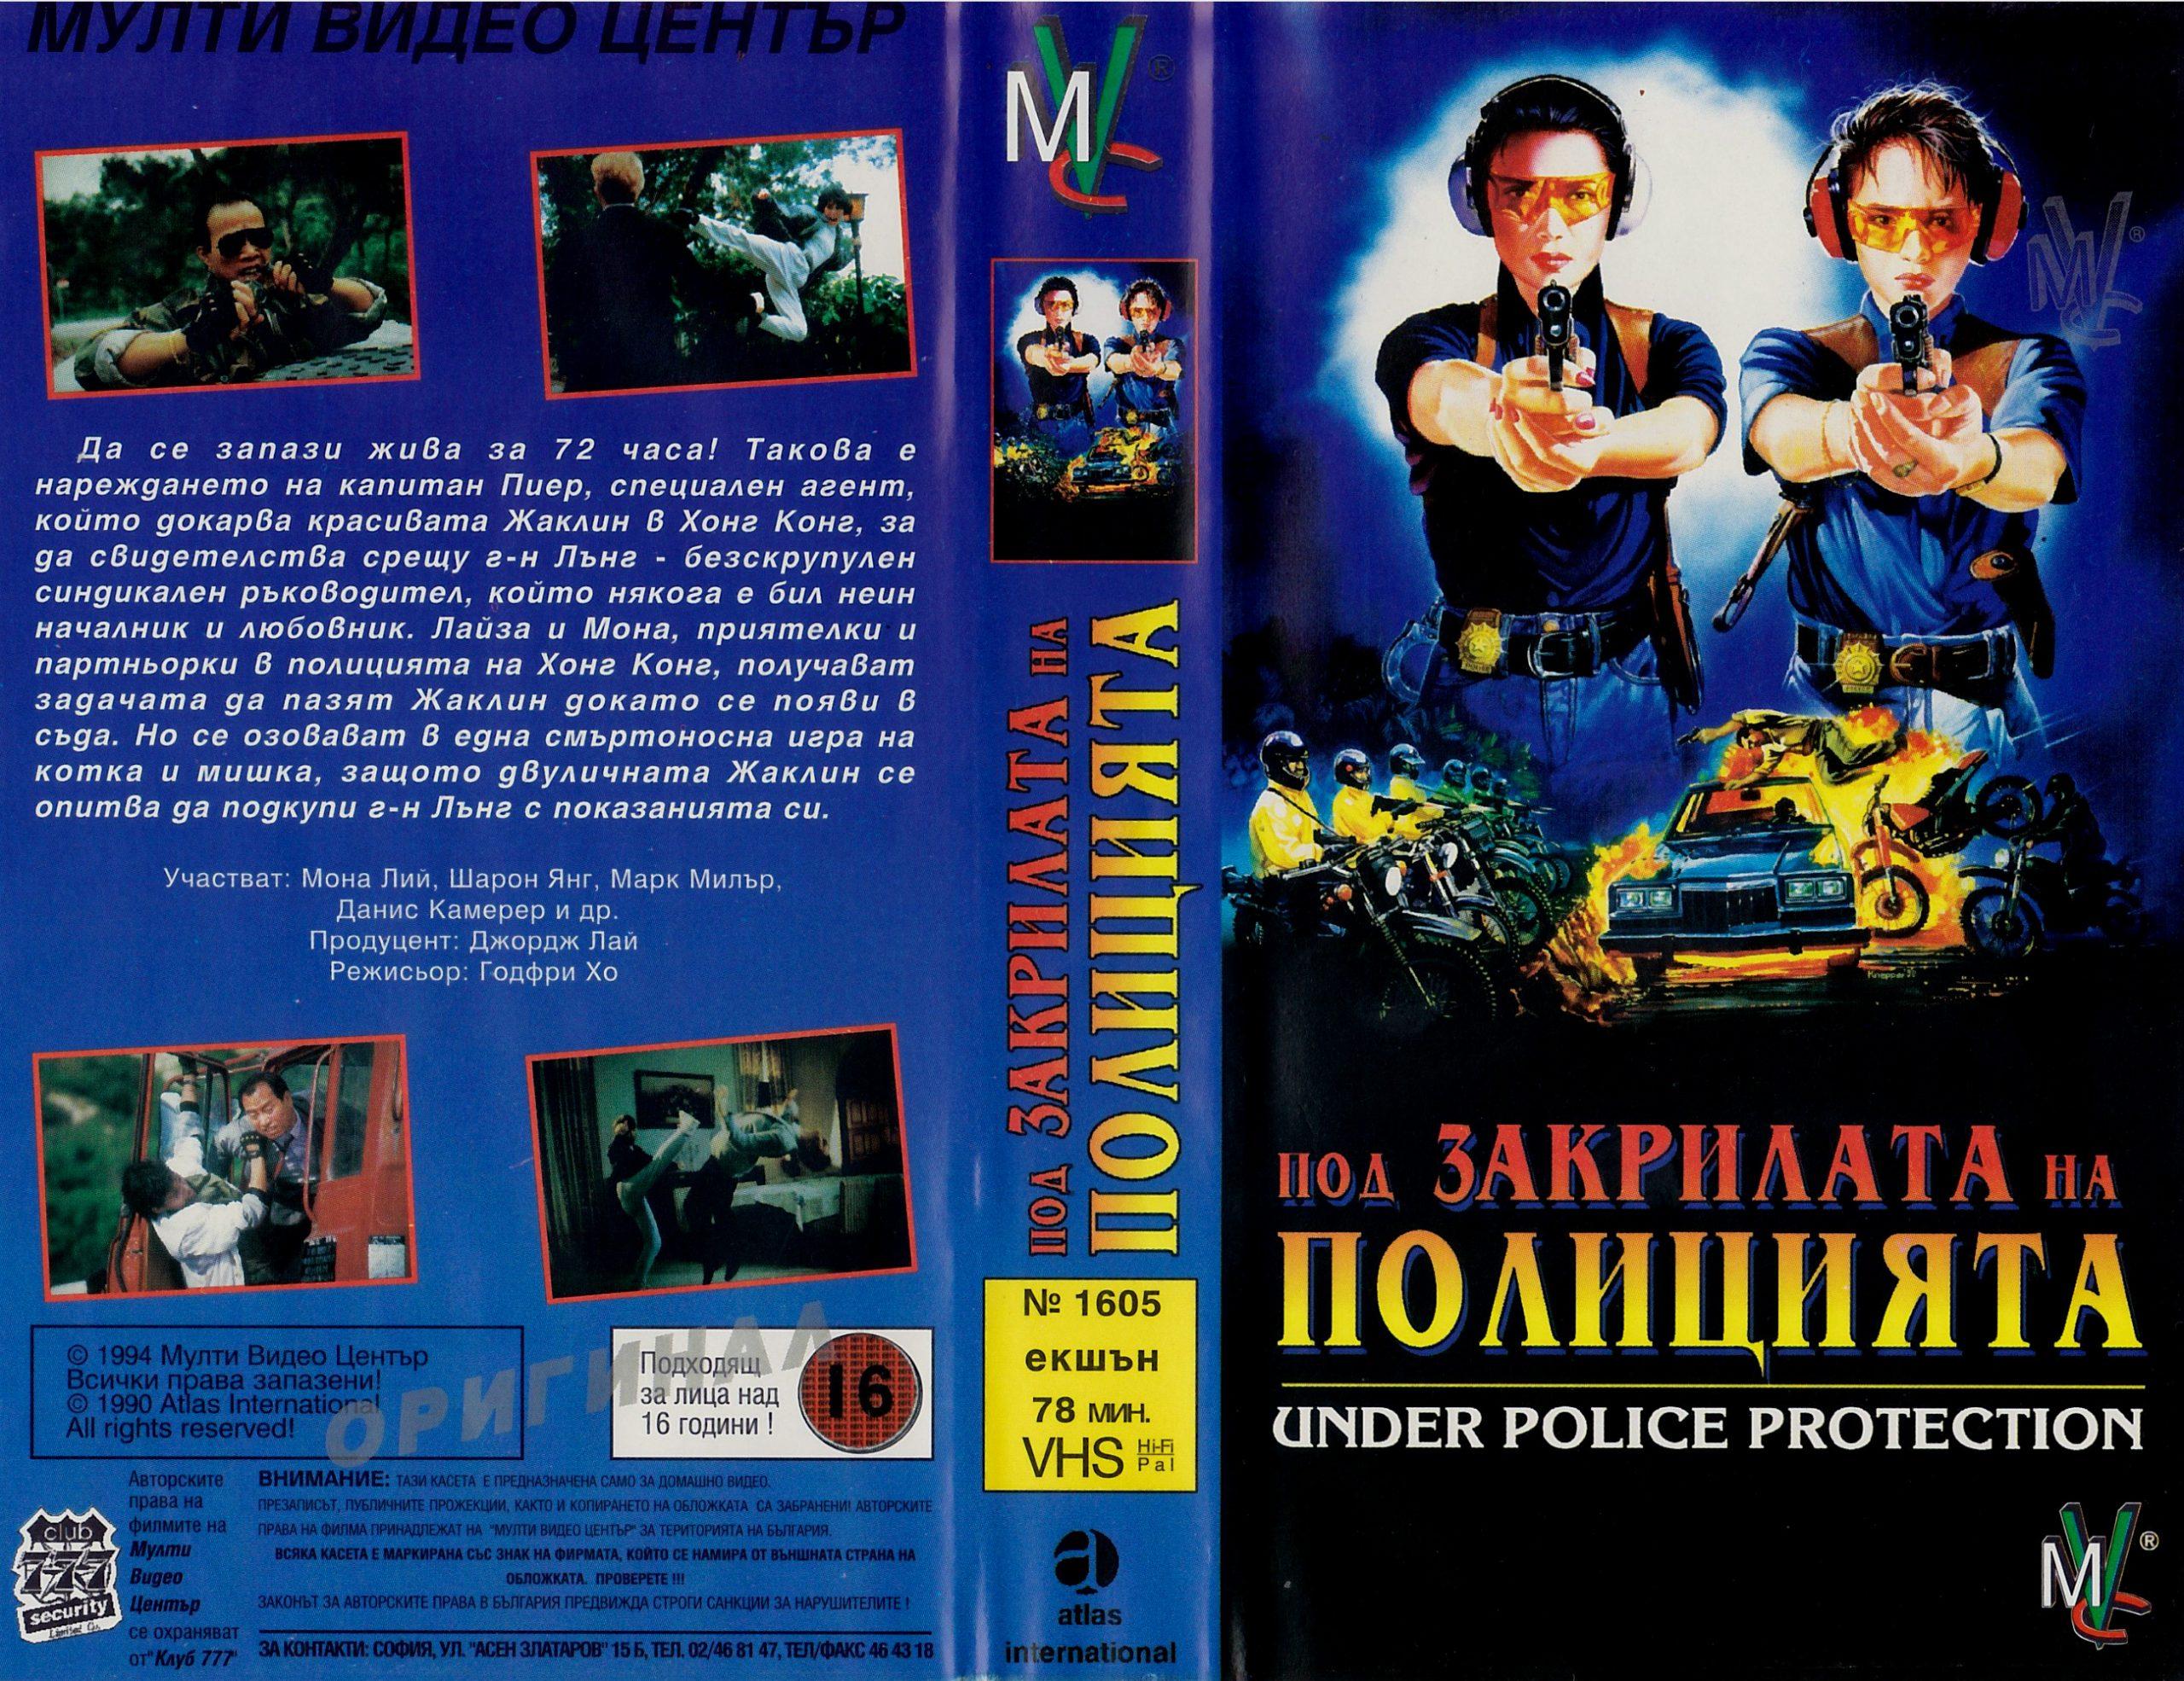 Под закрилата на полицията филм